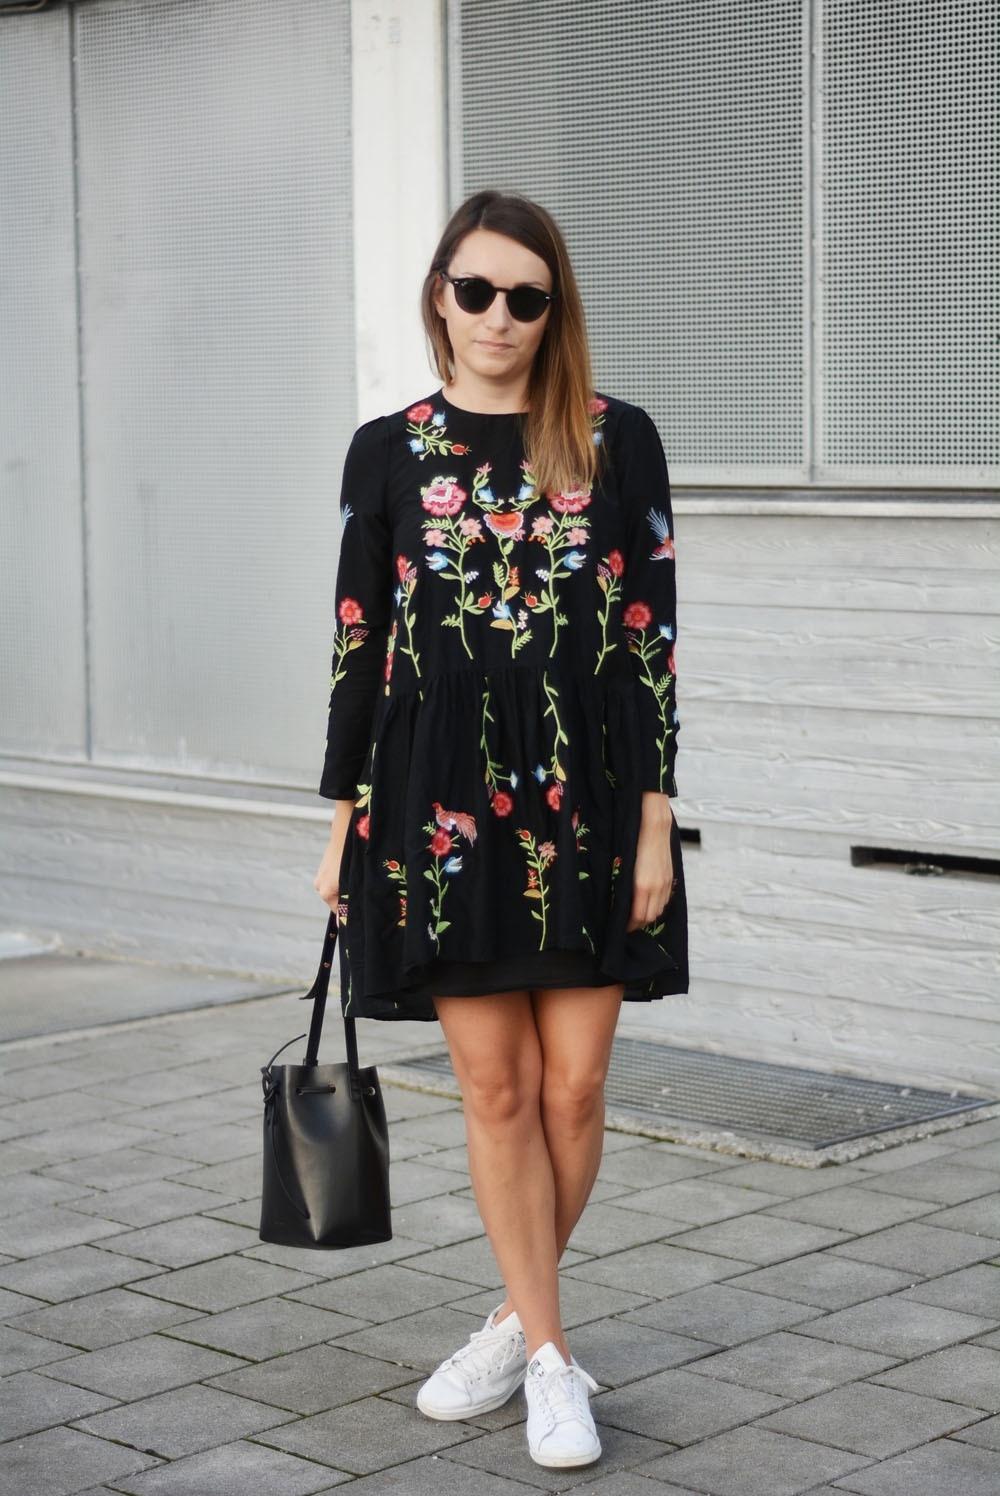 10 cool schwarzes kleid mit blumen stylish - abendkleid